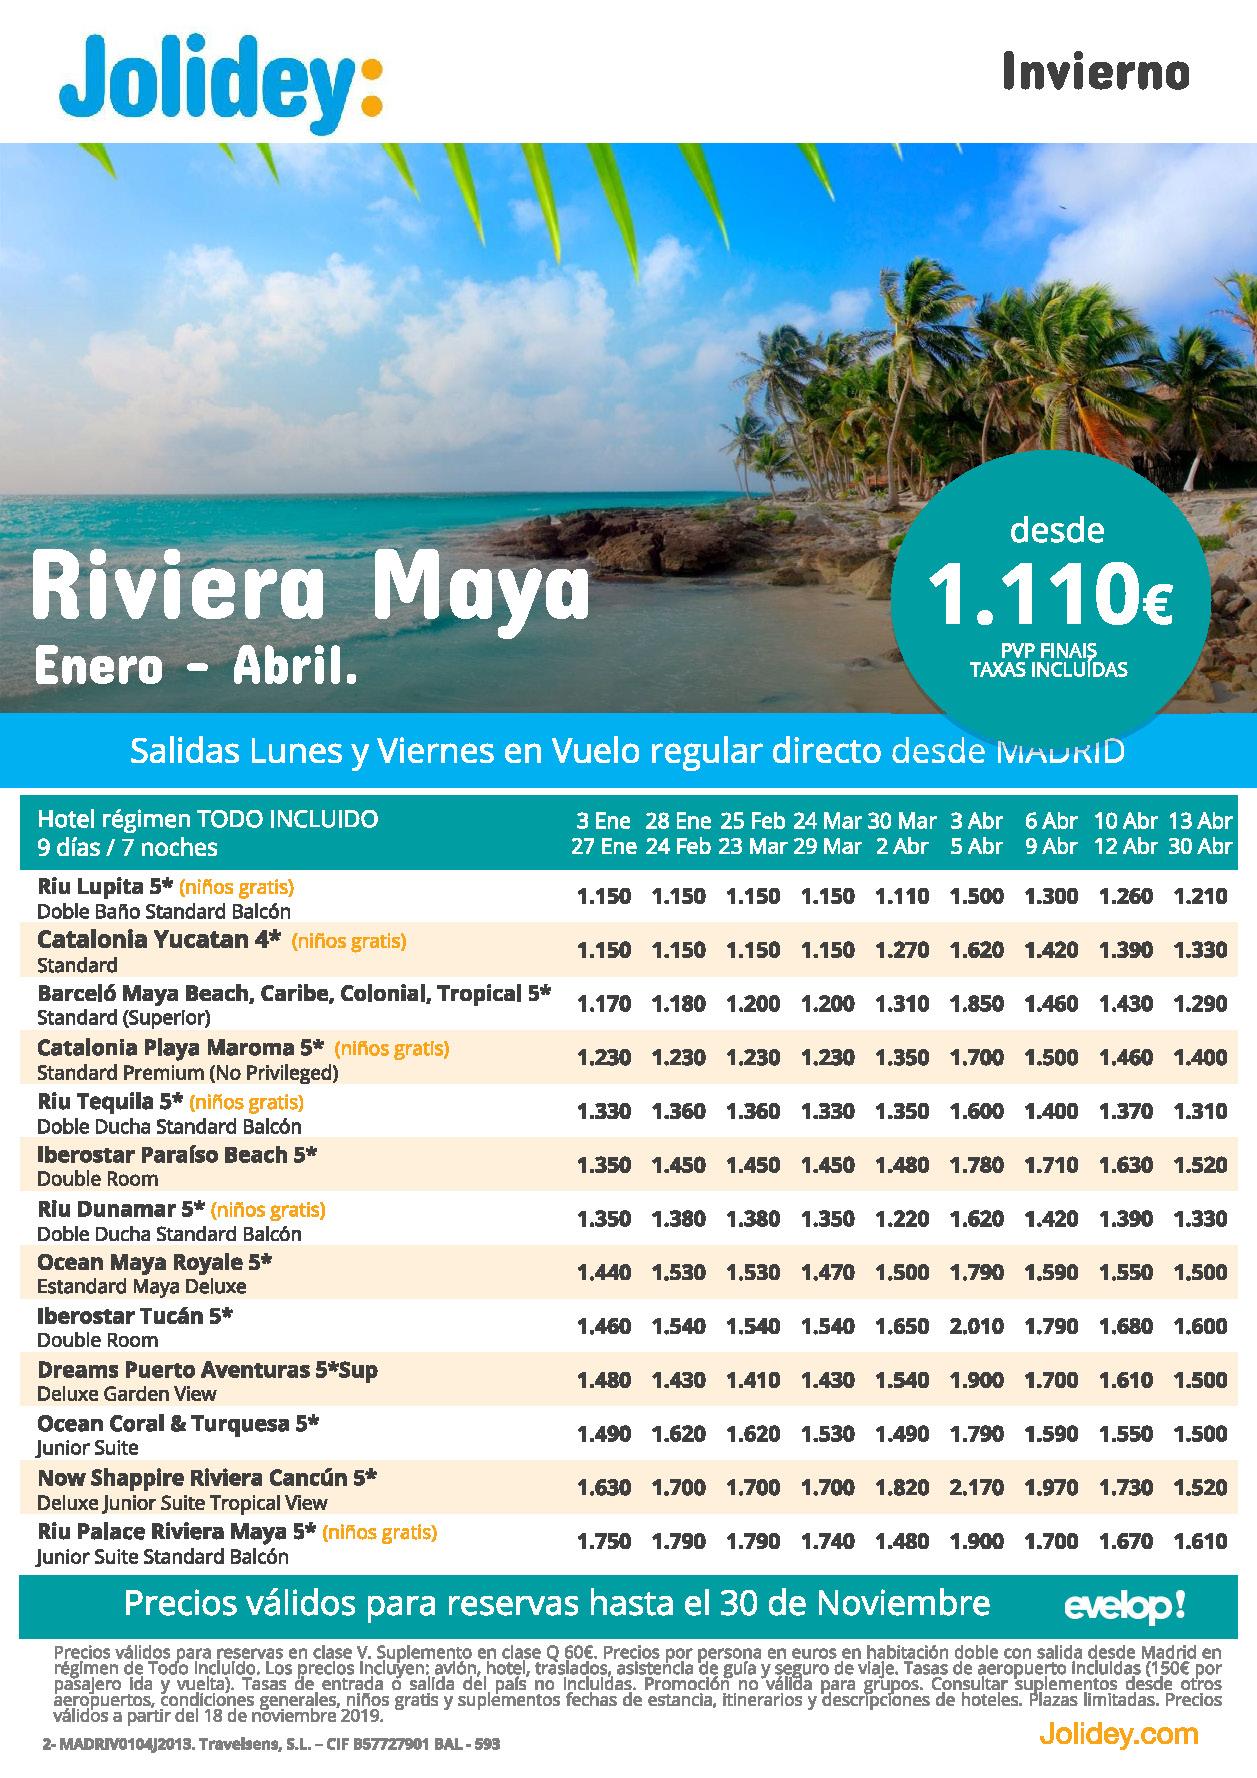 Ofertas Jolidey Vacaciones en Riviera Maya Enero a Abril 2020